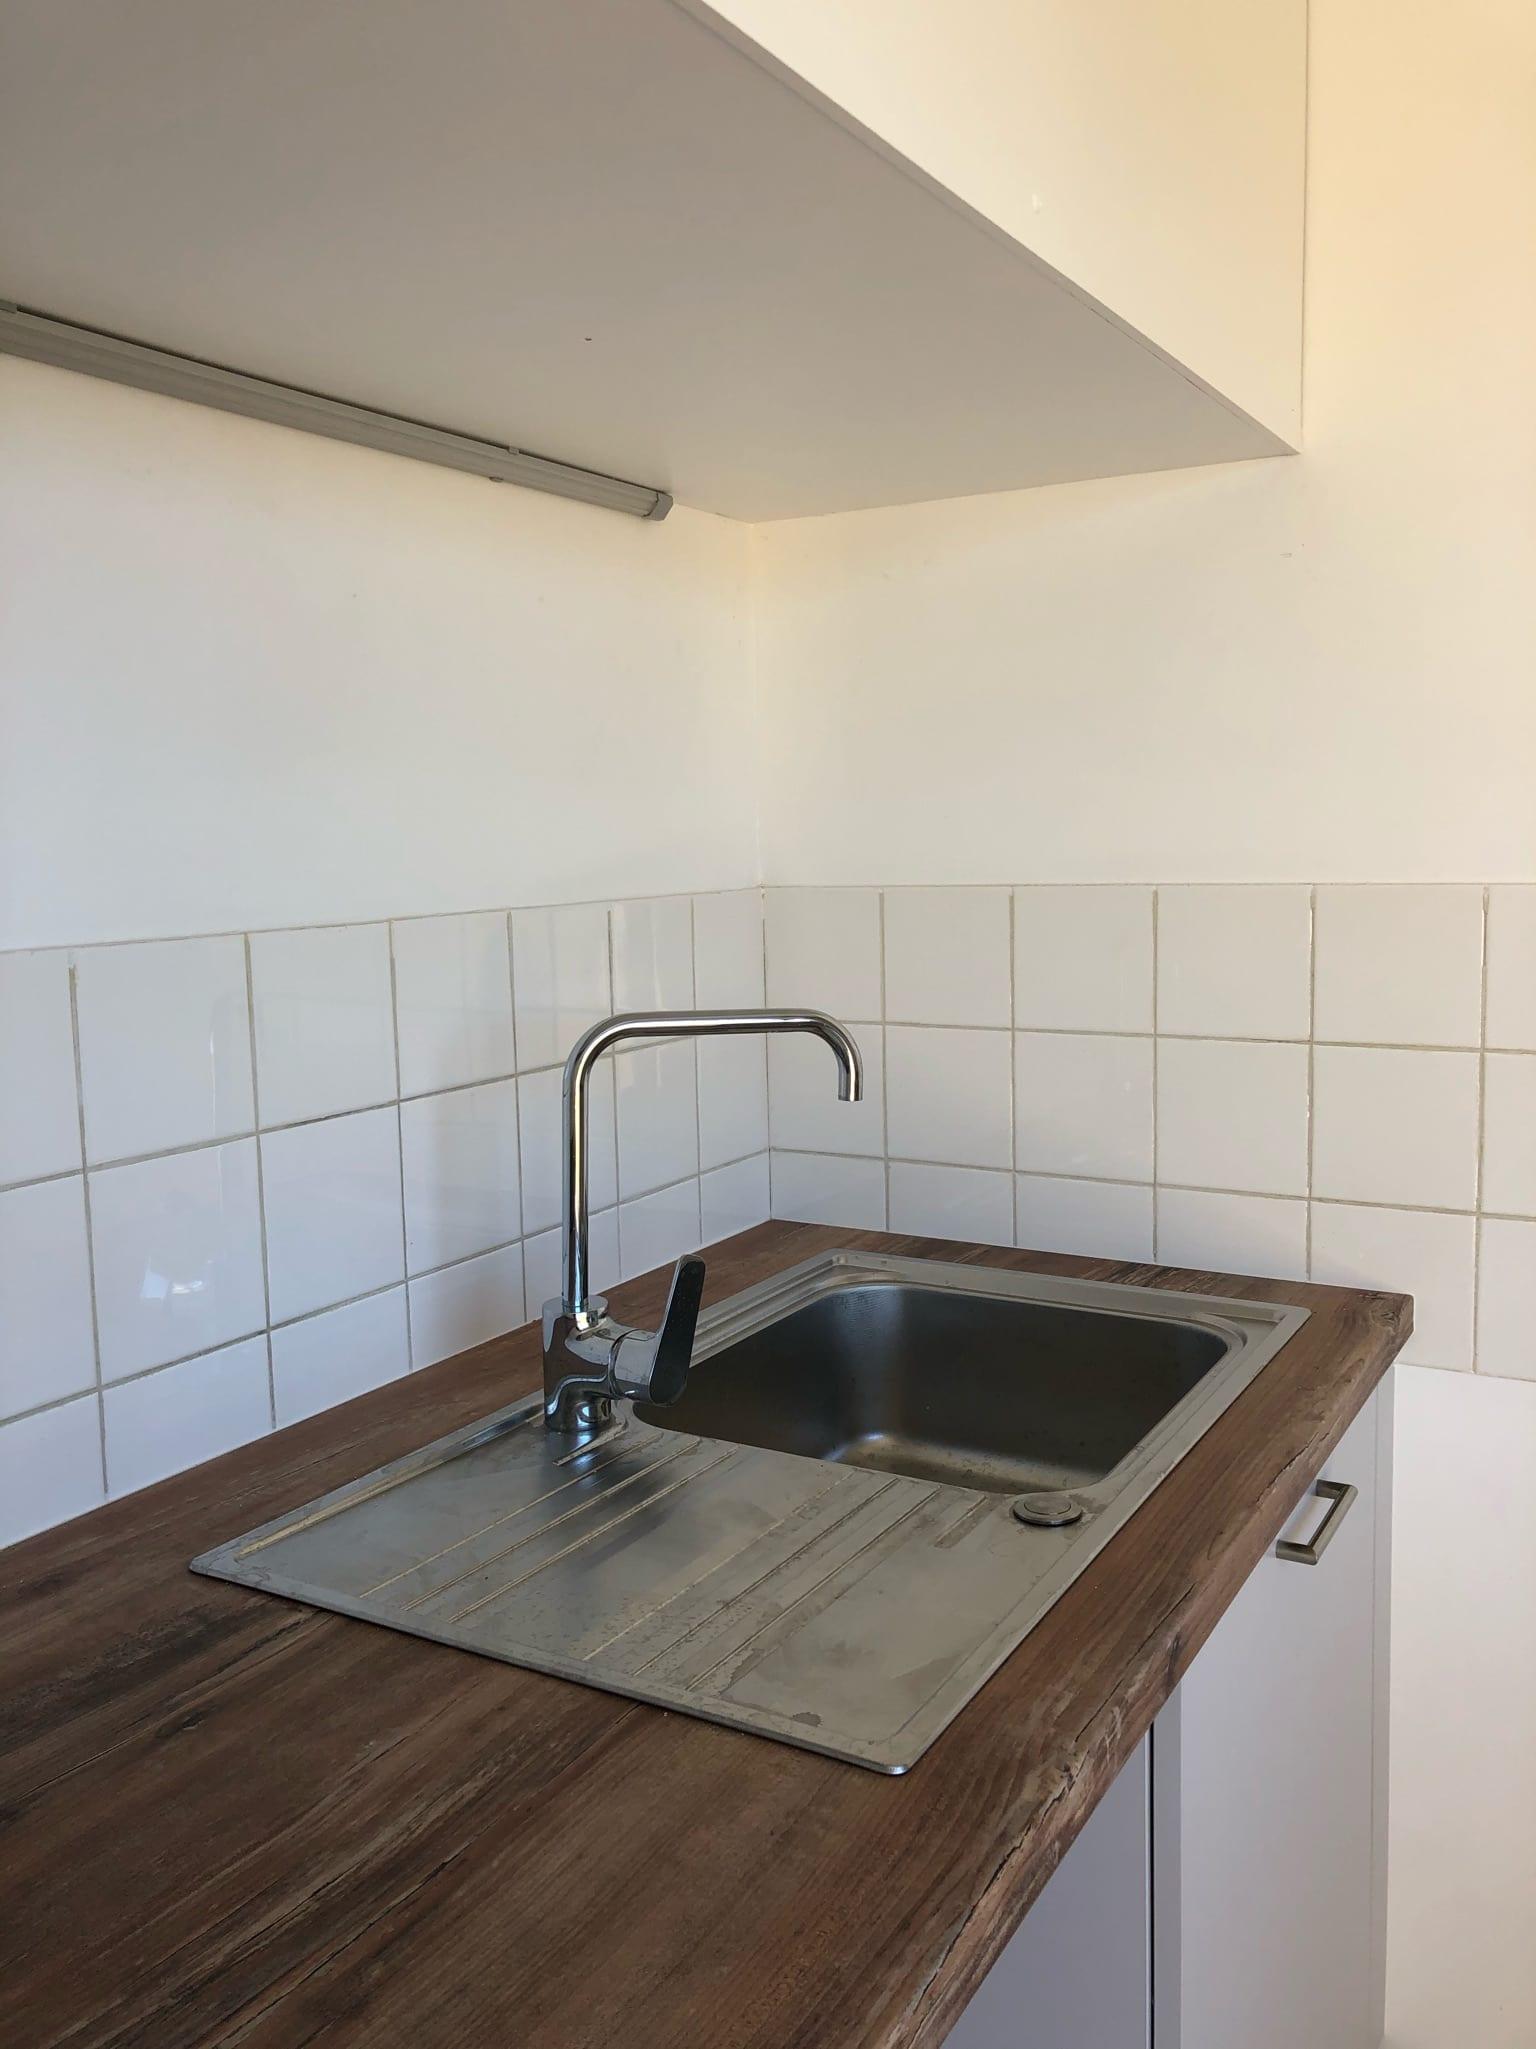 Rénovation d'un appartement pour une location à Talence (33)